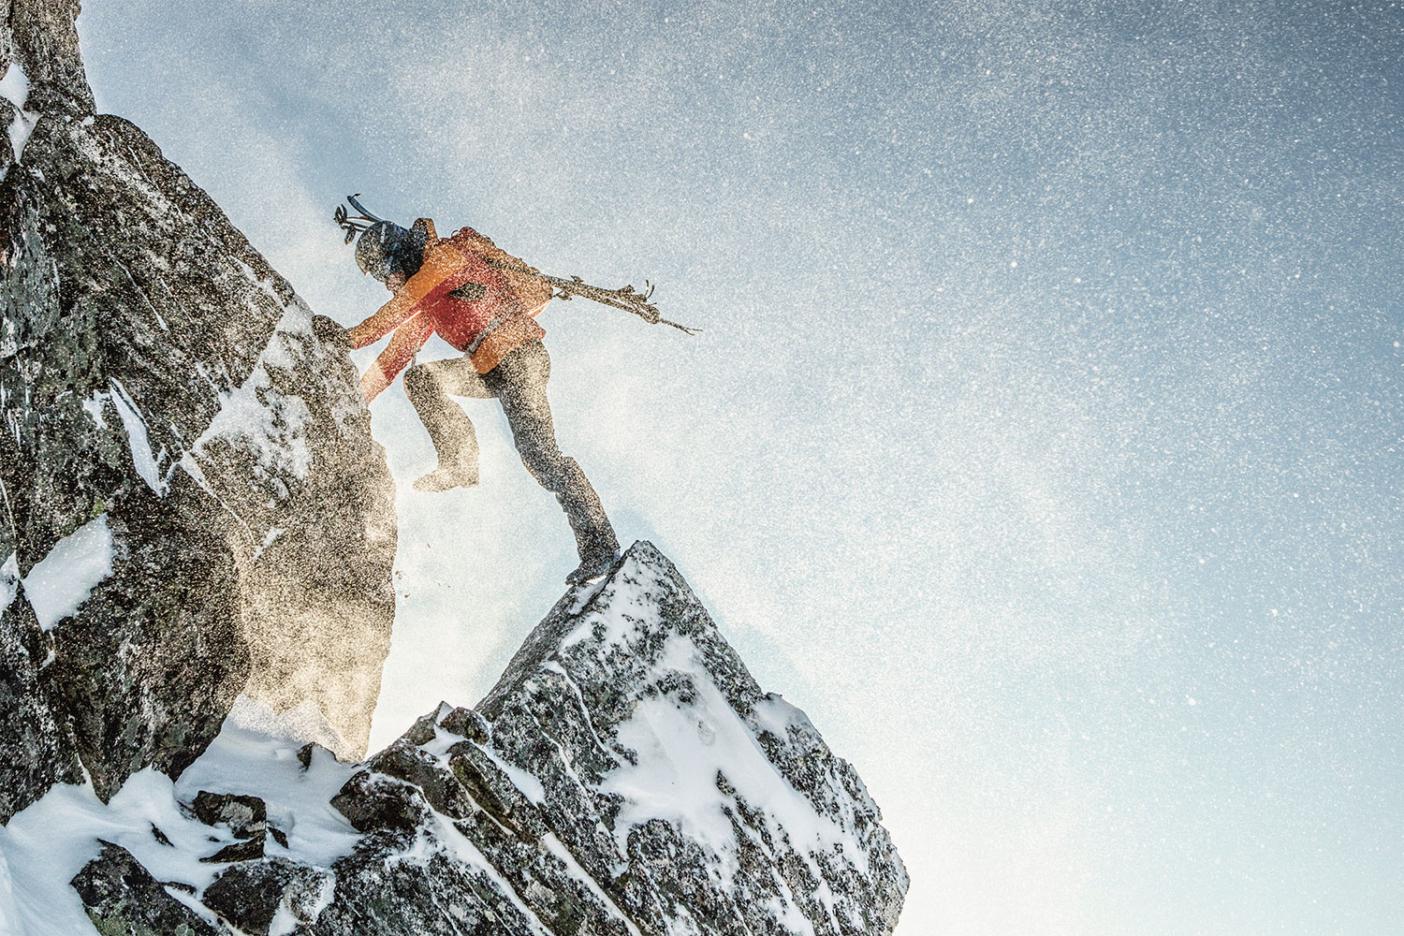 Килиан Жорнет выпоняет аэробную тренировку. Ромсдал, Норвегия. Фото: Sébastien Montaz-Rosset